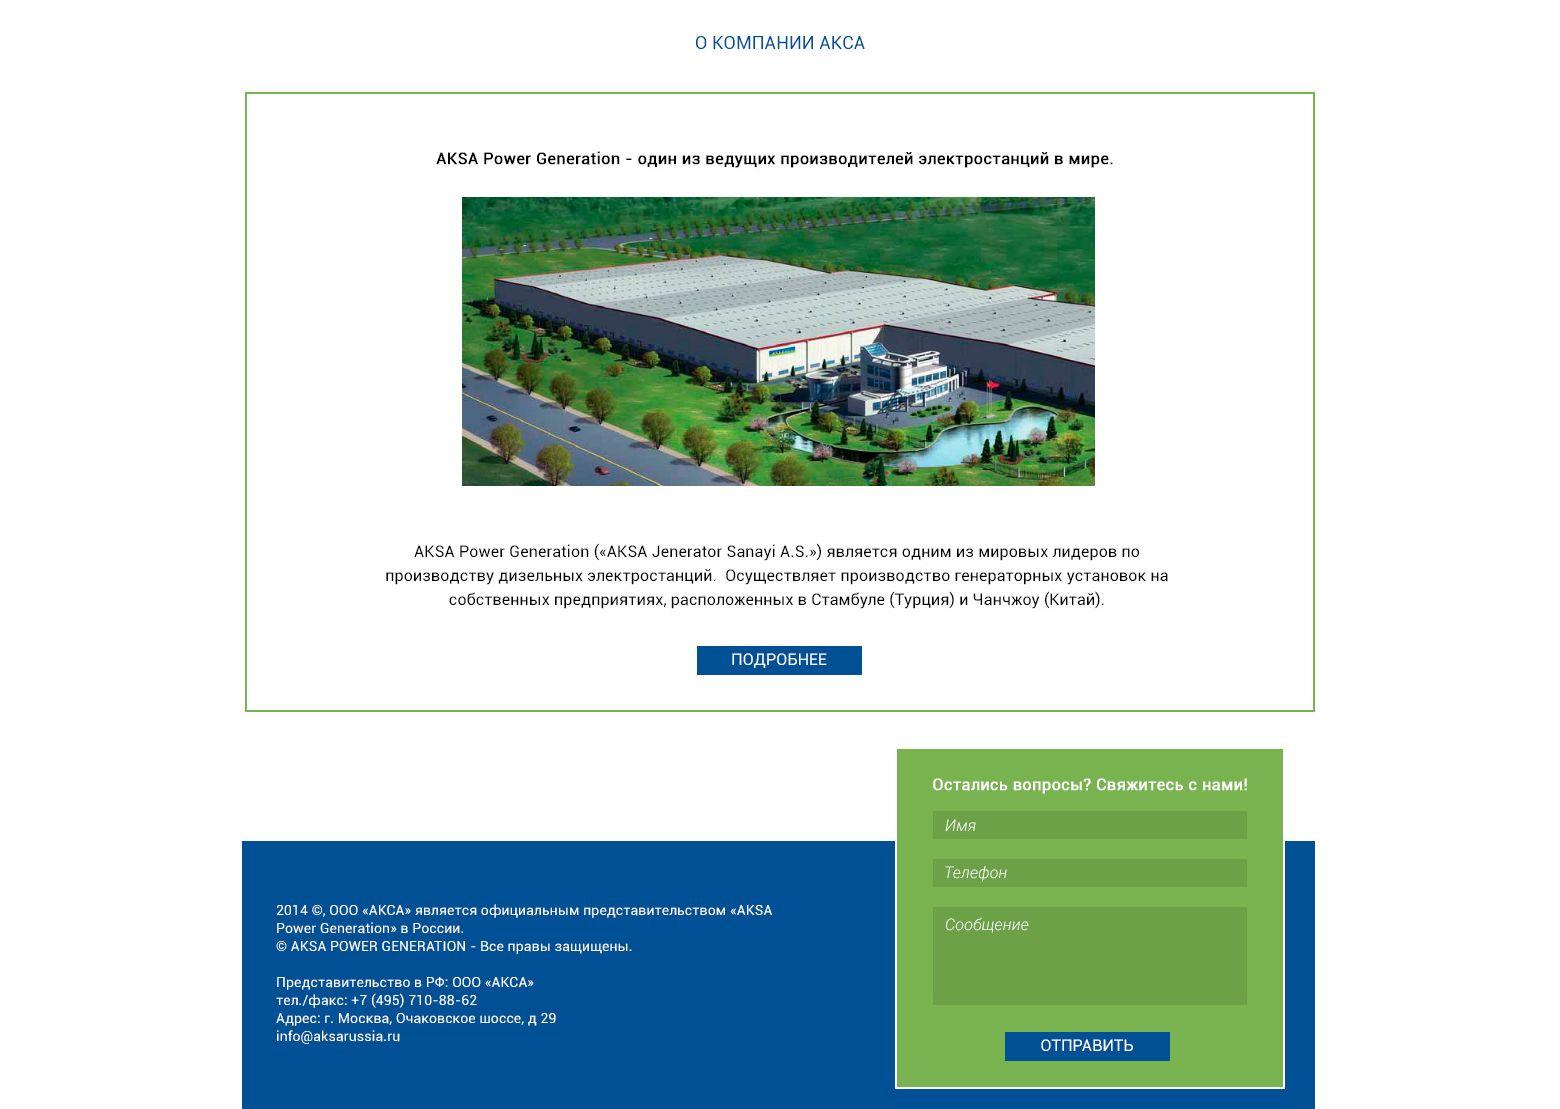 Создание сайта для крупного производителя дизельных электростанций